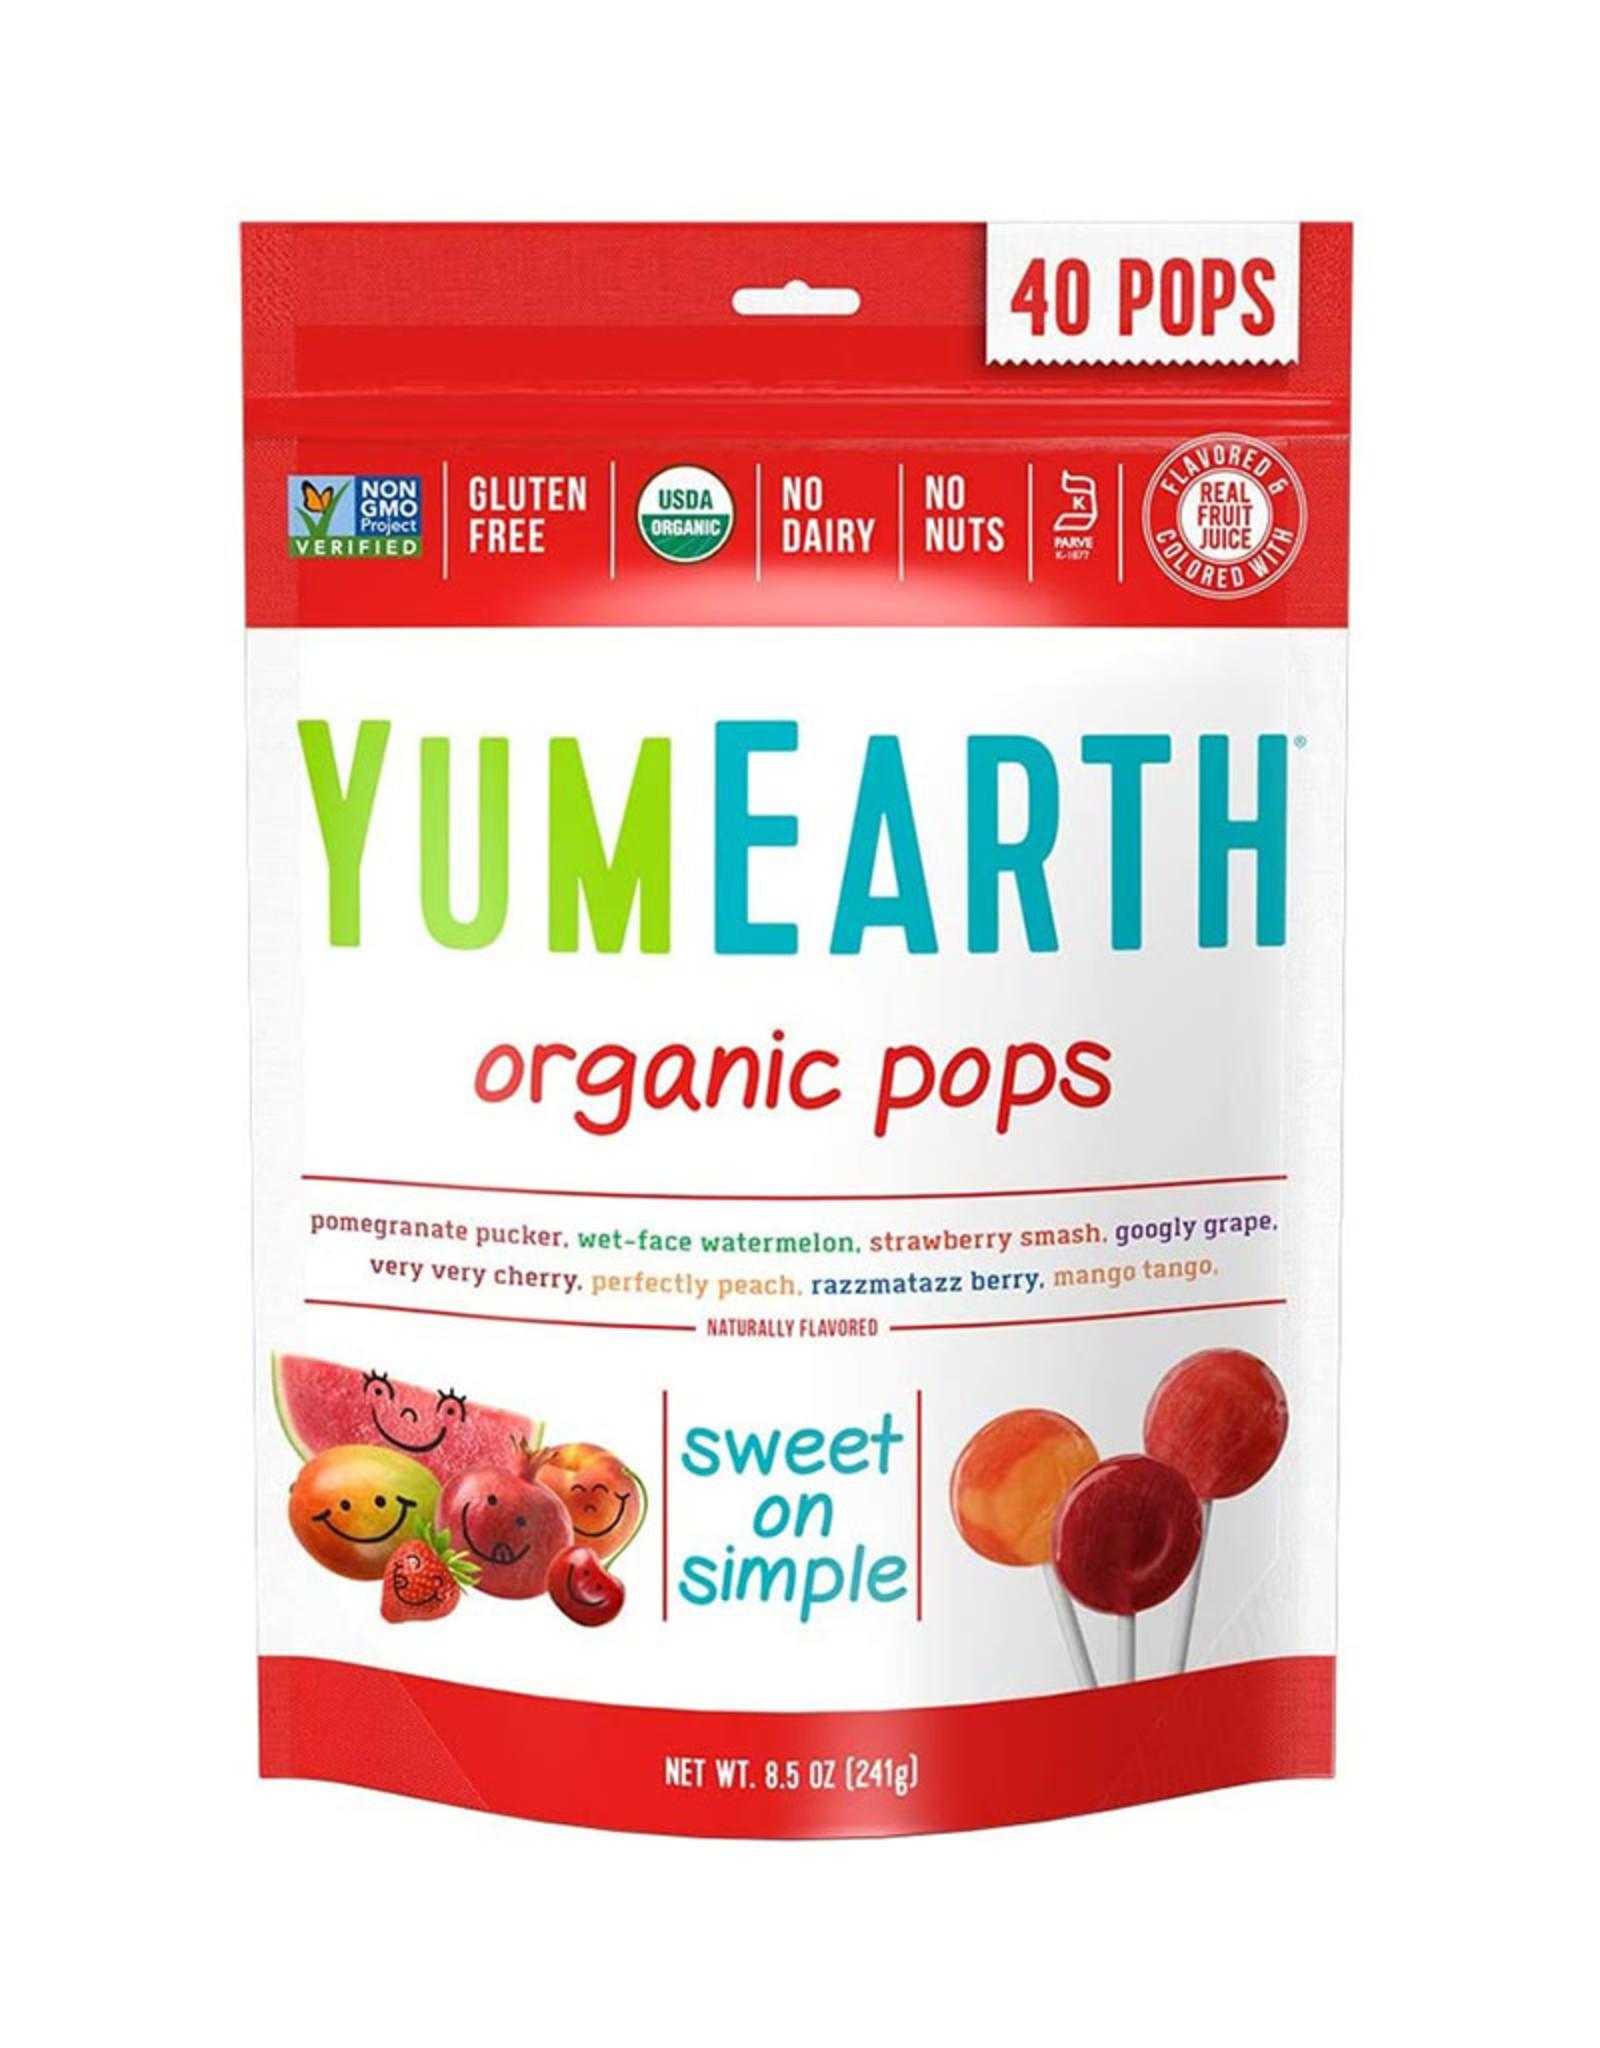 YummyEarth Inc. Yum Earth - Candy, Organic Fruit Pops (Bag)